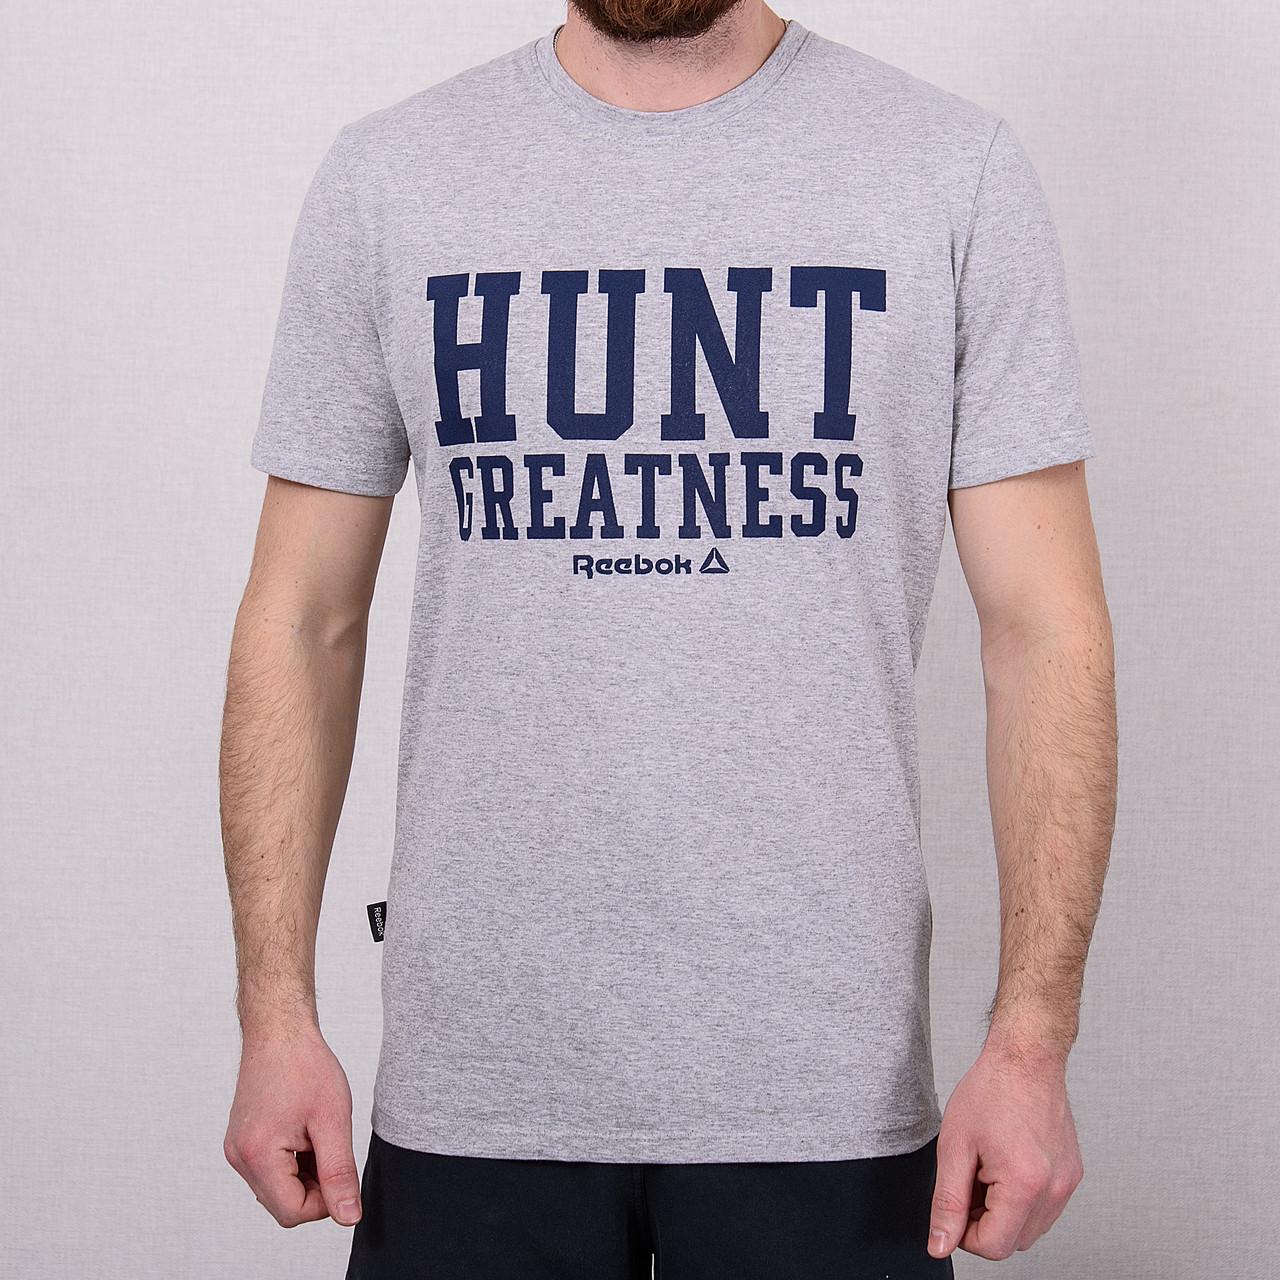 Чоловіча спортивна футболка світло сіра Reebok \ Чоловіча спортивна футболка Reebok